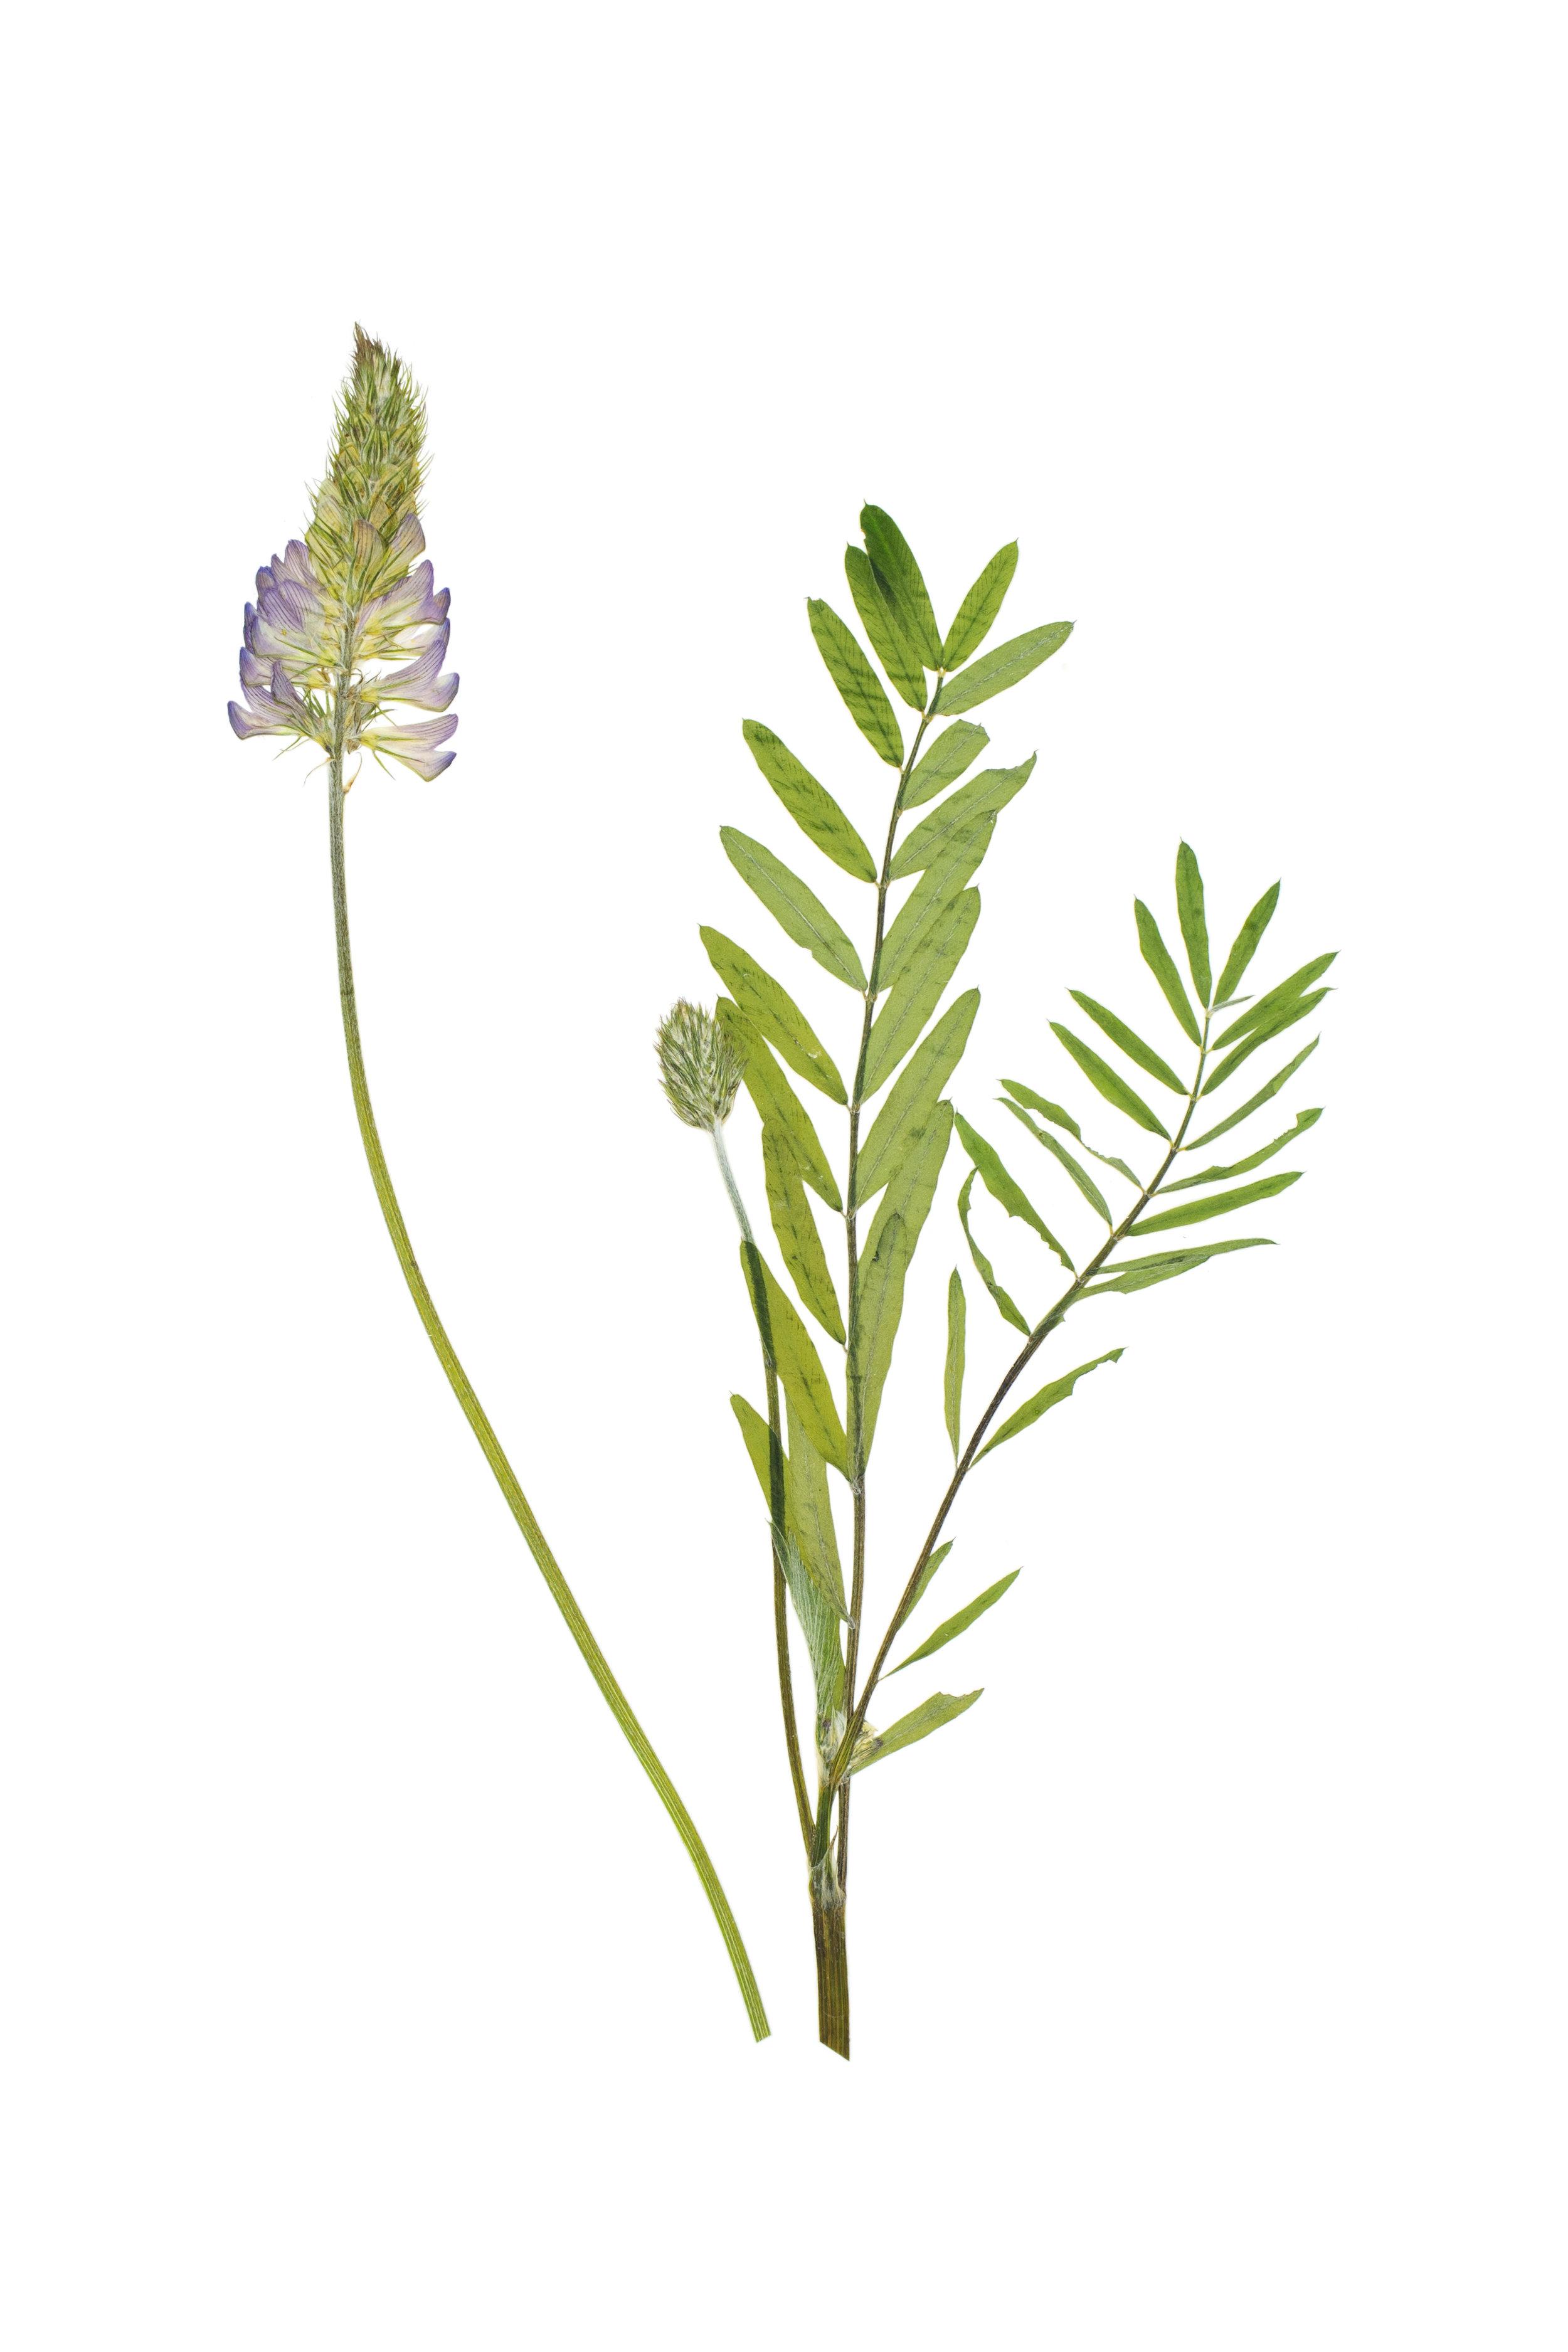 Onobrychis viciifolia / Common Sainfoin